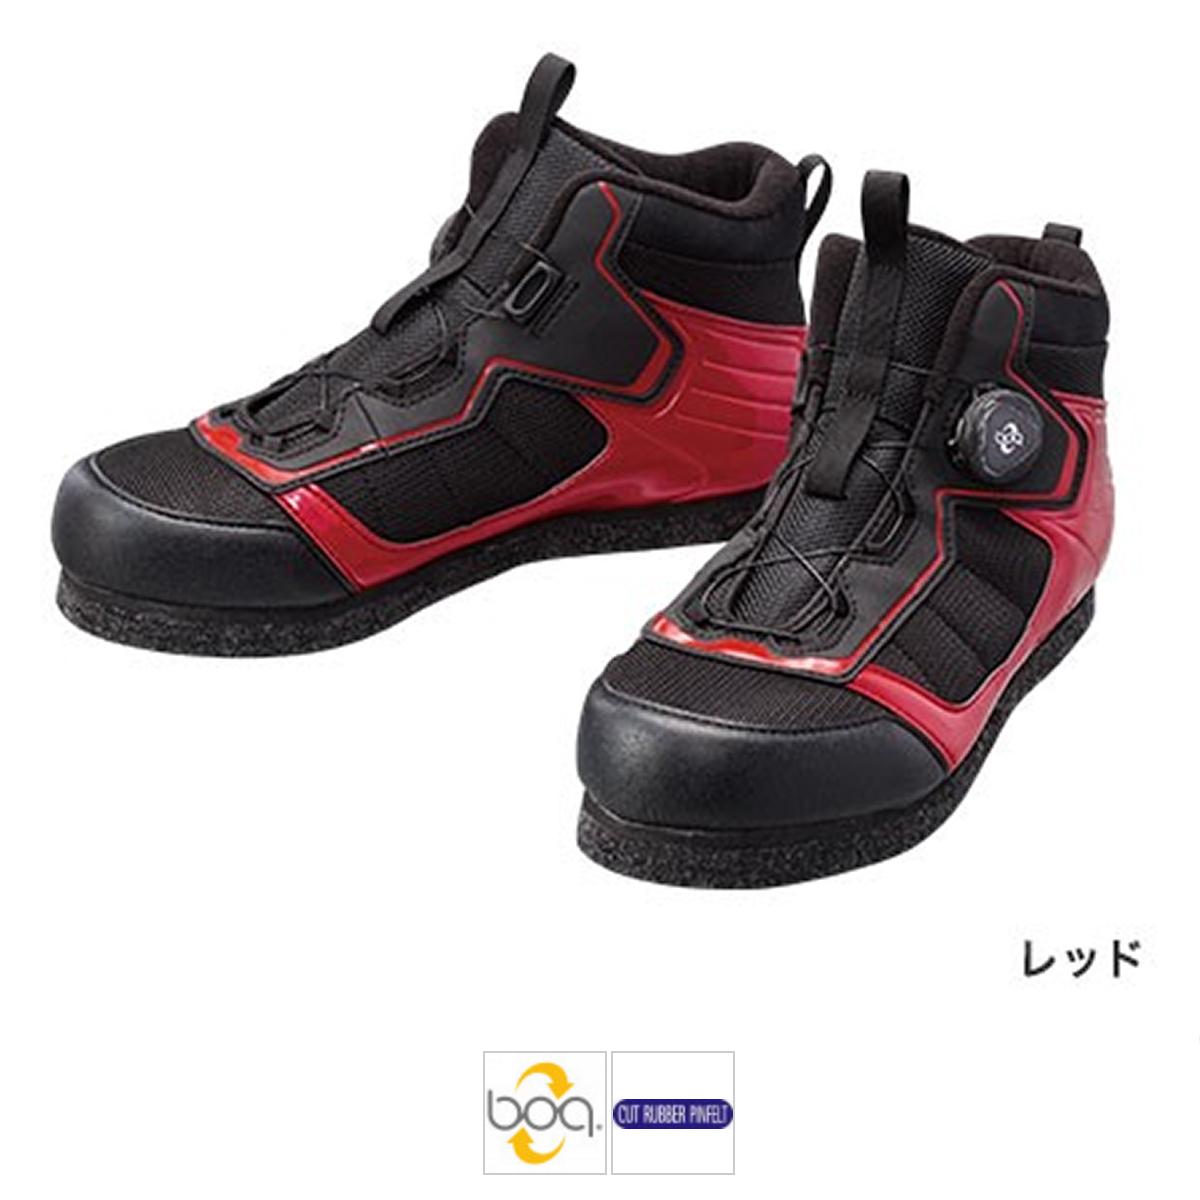 シマノ カットラバーピンフェルトフィットシューズ LT FS-041Q 26cm レッド(東日本店)